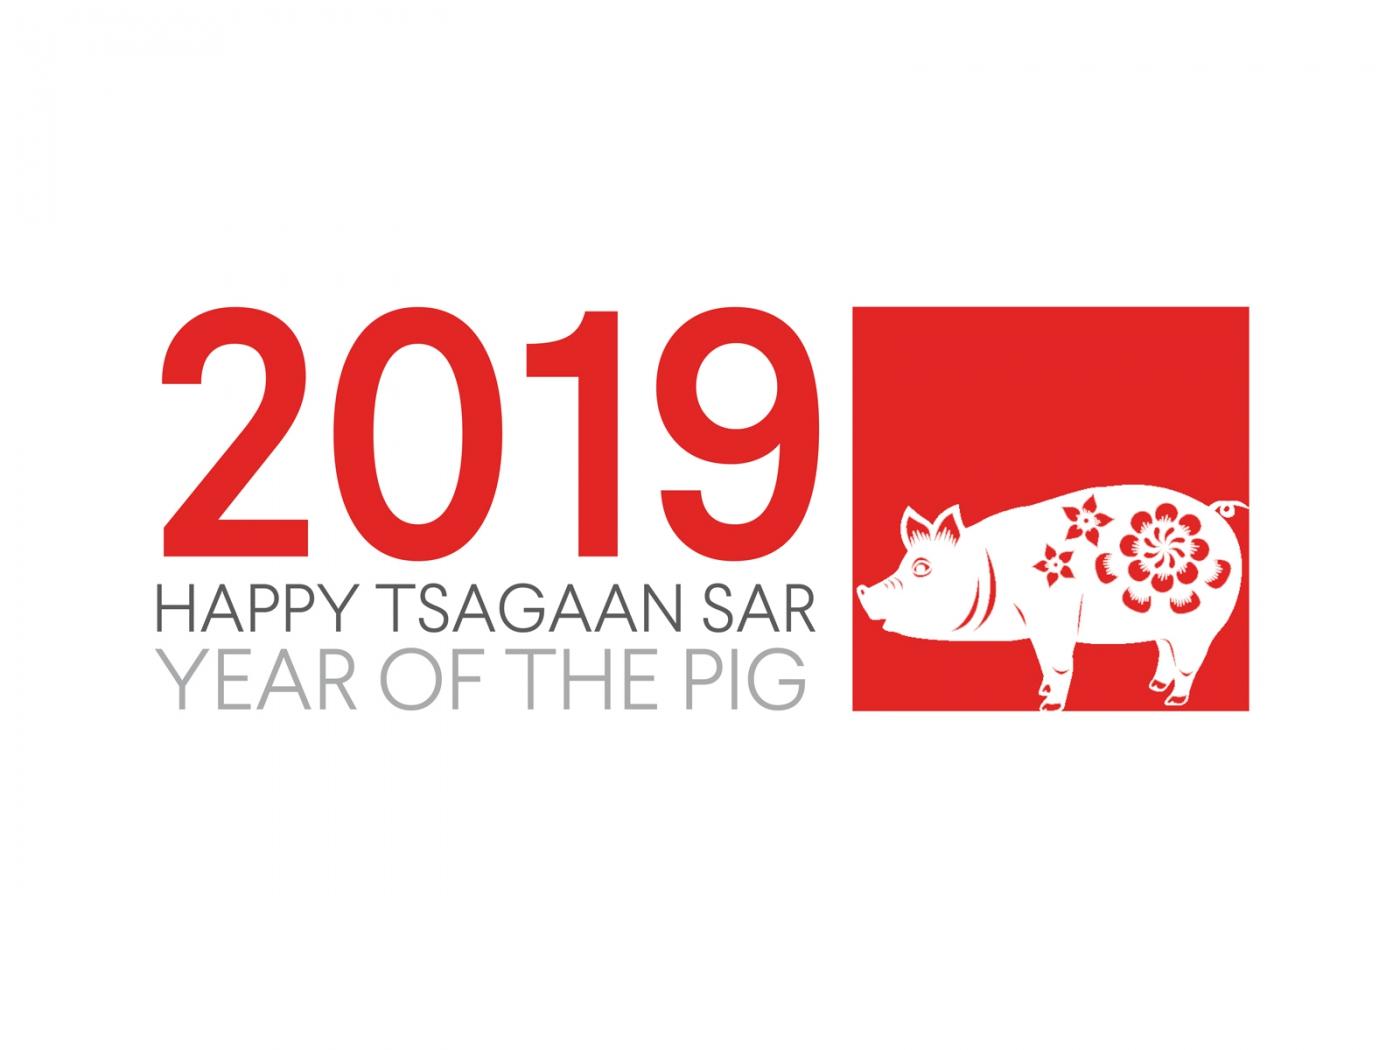 Tsagaan Sar 2019